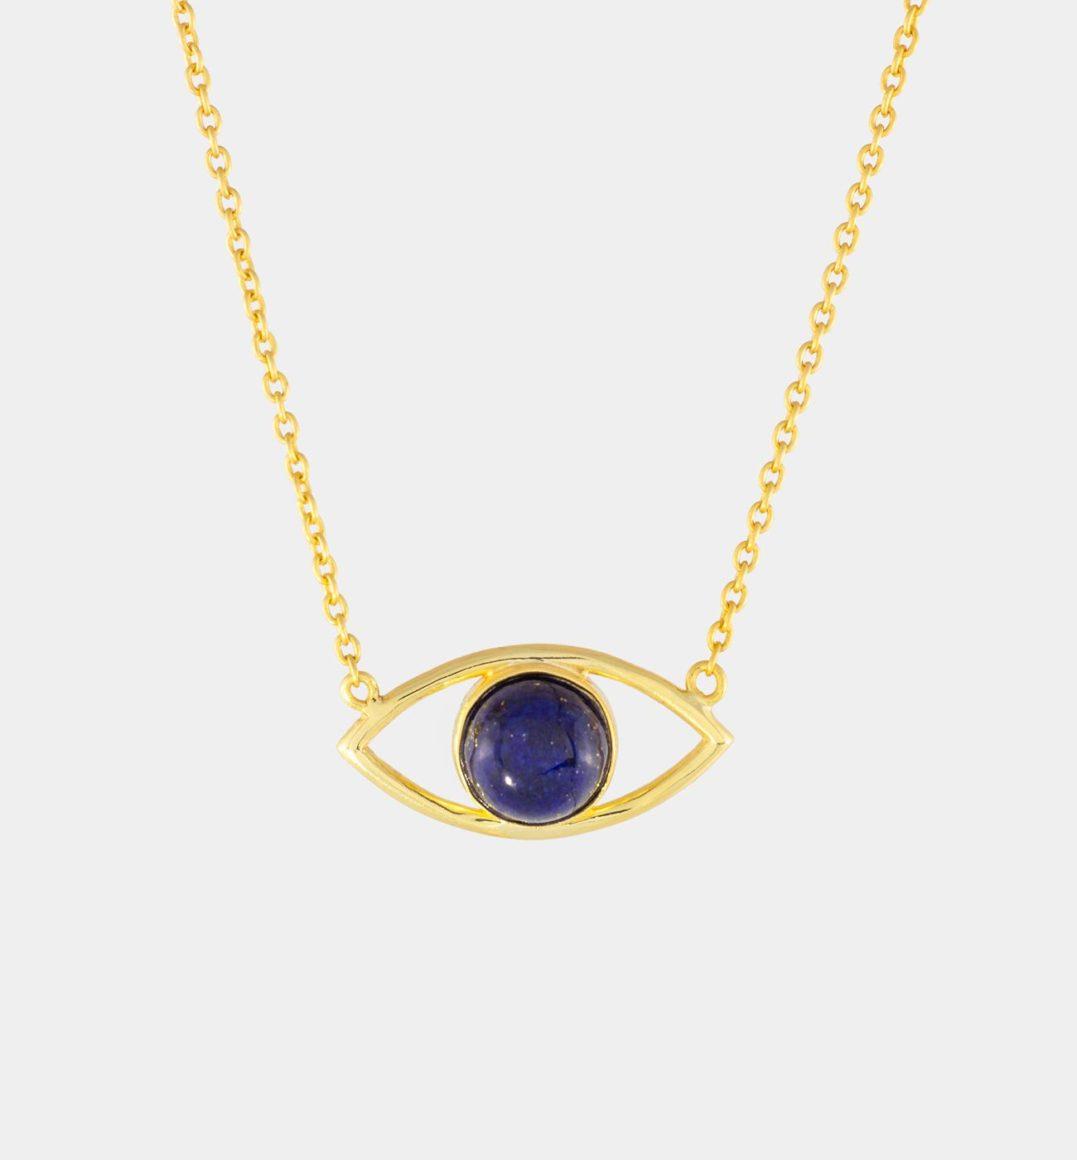 Evil Eye Halskette in Gold mit Lapislazuli